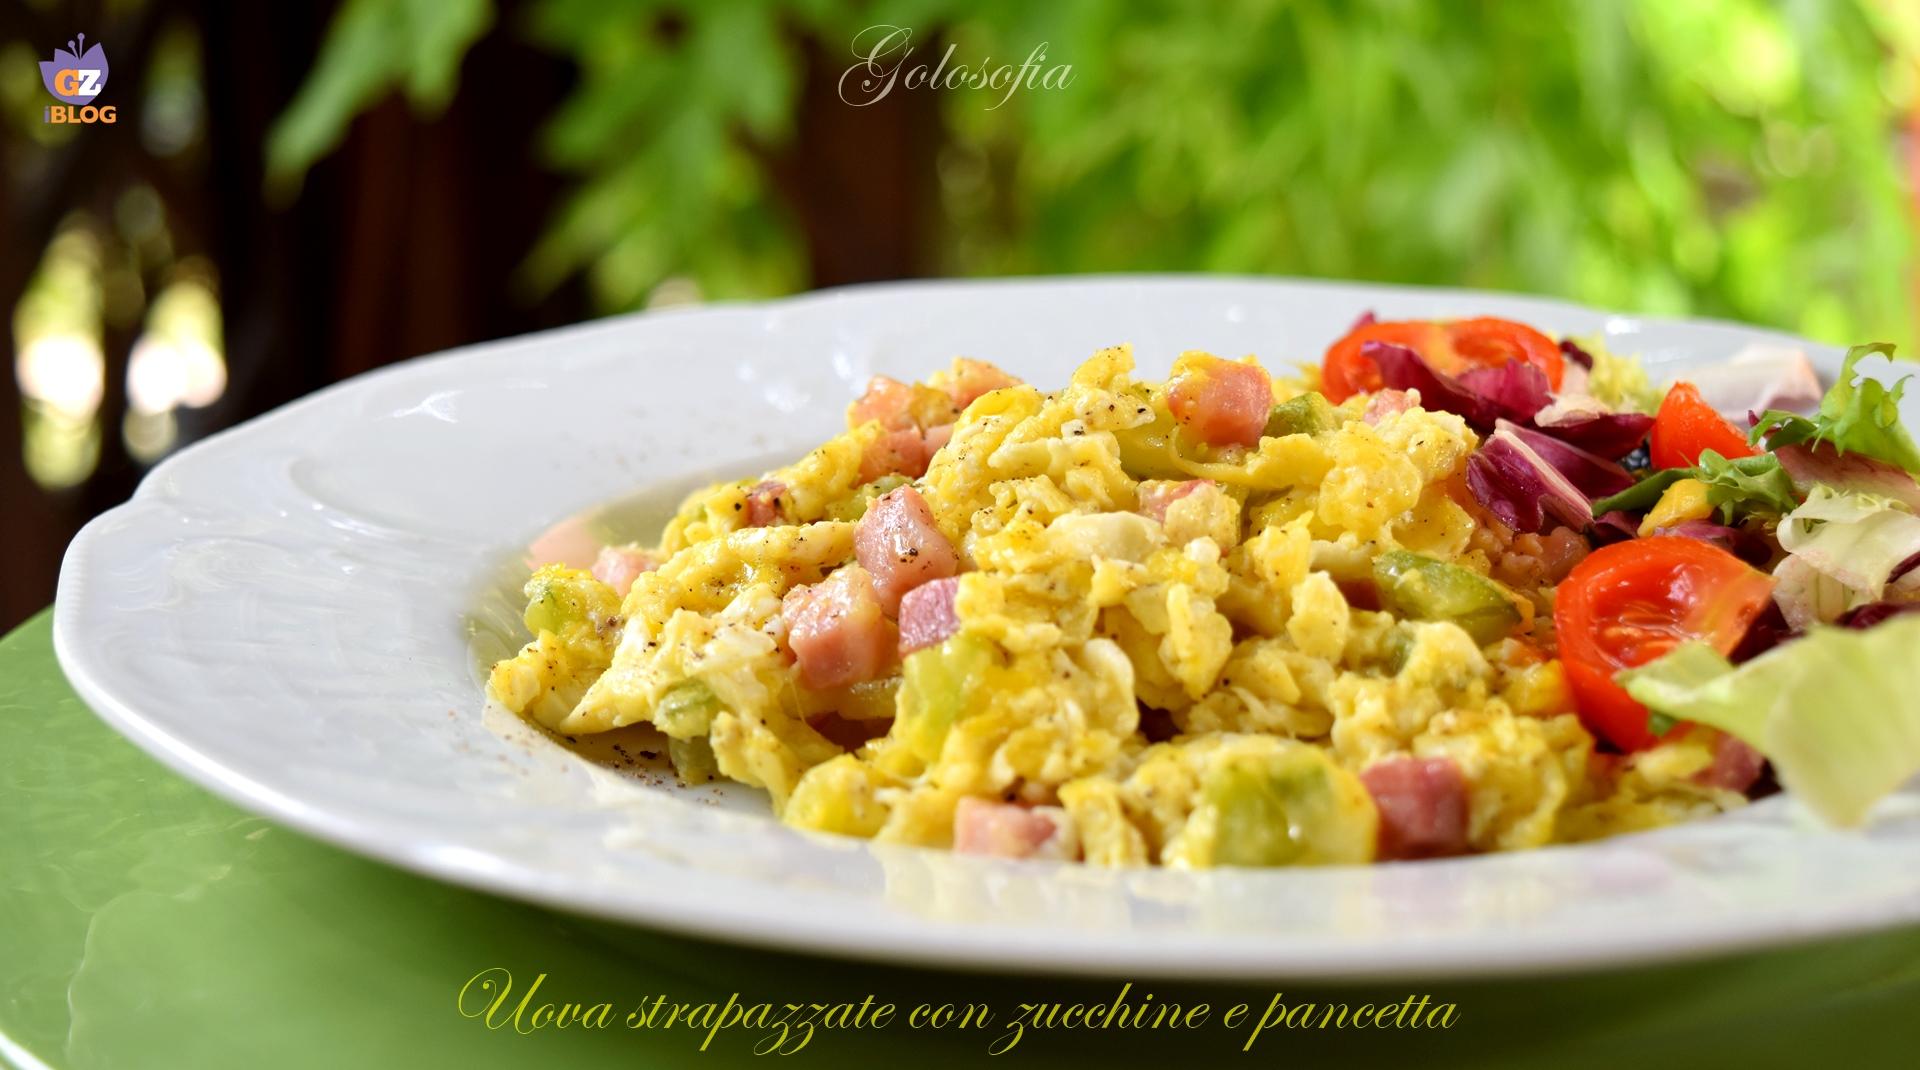 Ricetta Uova Strapazzate Con Pancetta.Uova Strapazzate Con Zucchine E Pancetta Ricetta Gustosissima